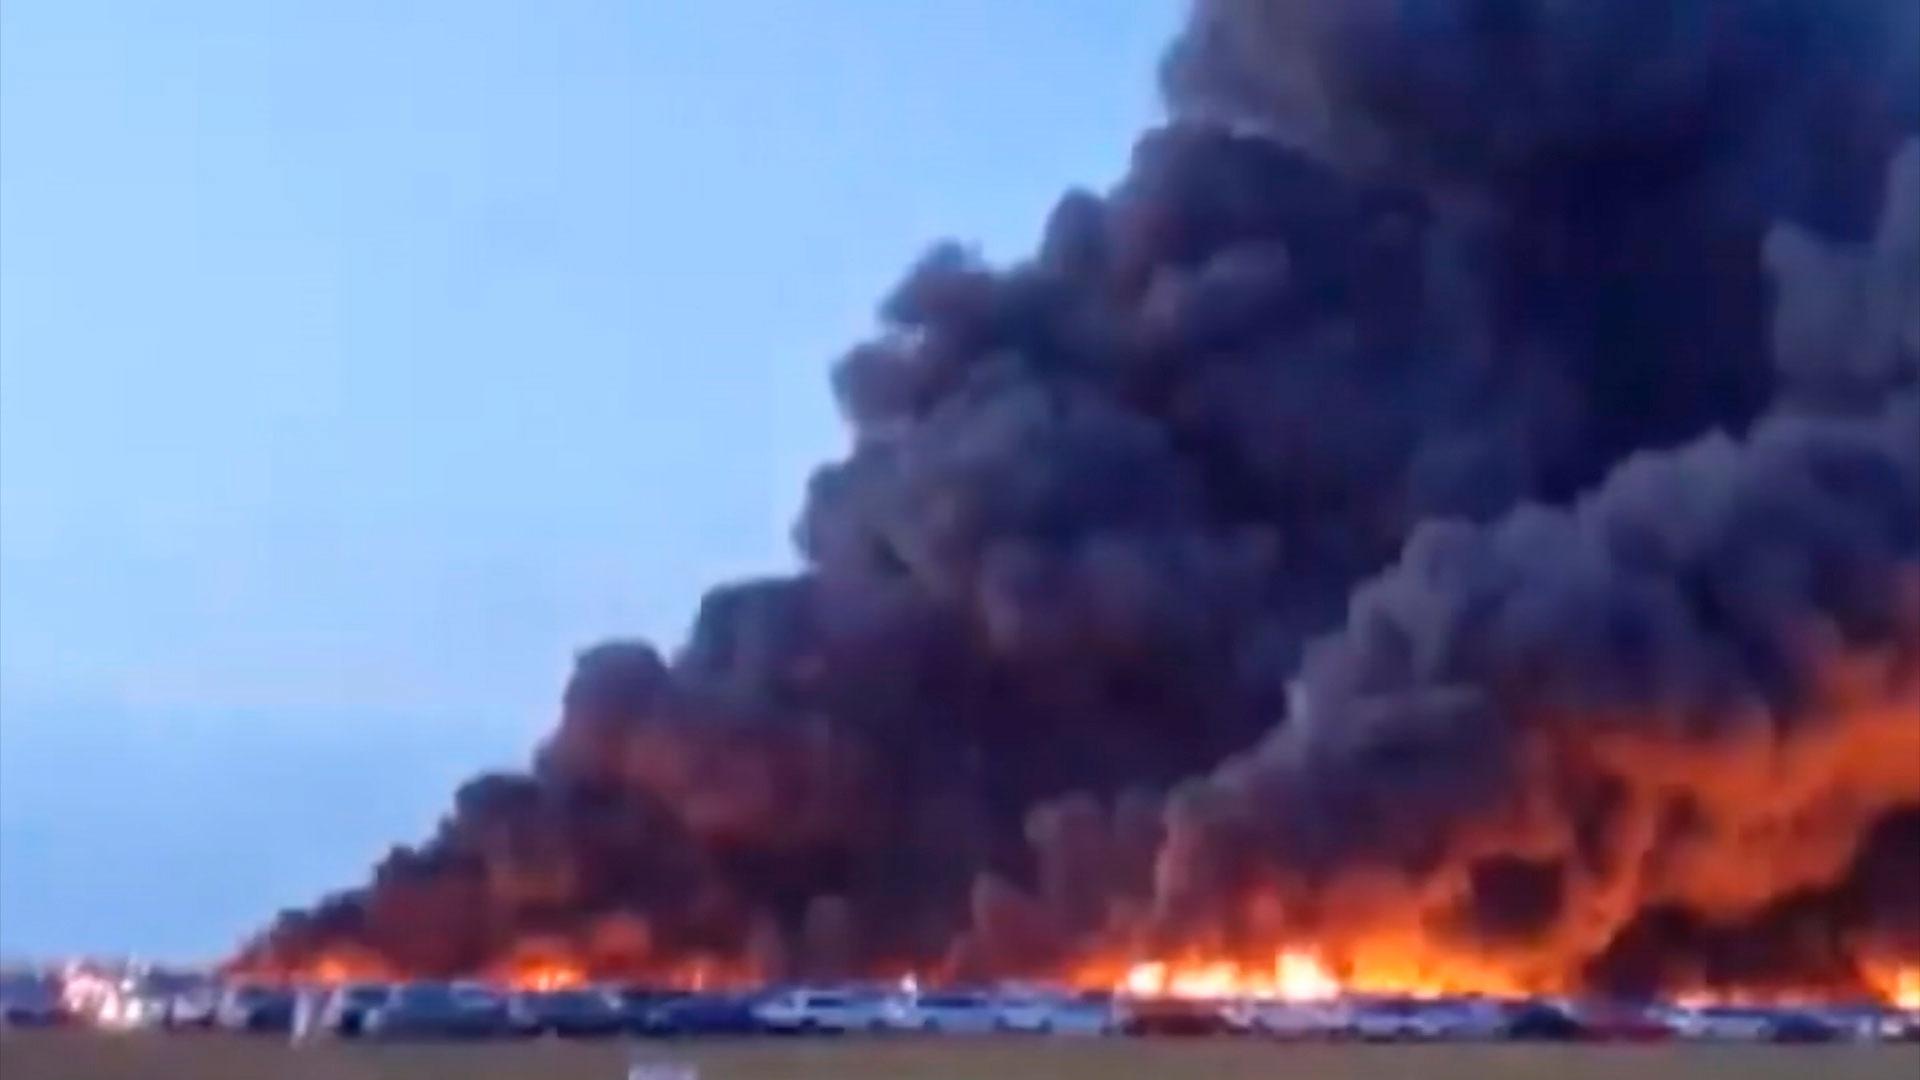 Огненный принцип домино: во Флориде пожар уничтожил более трех с половиной тысяч автомобилей